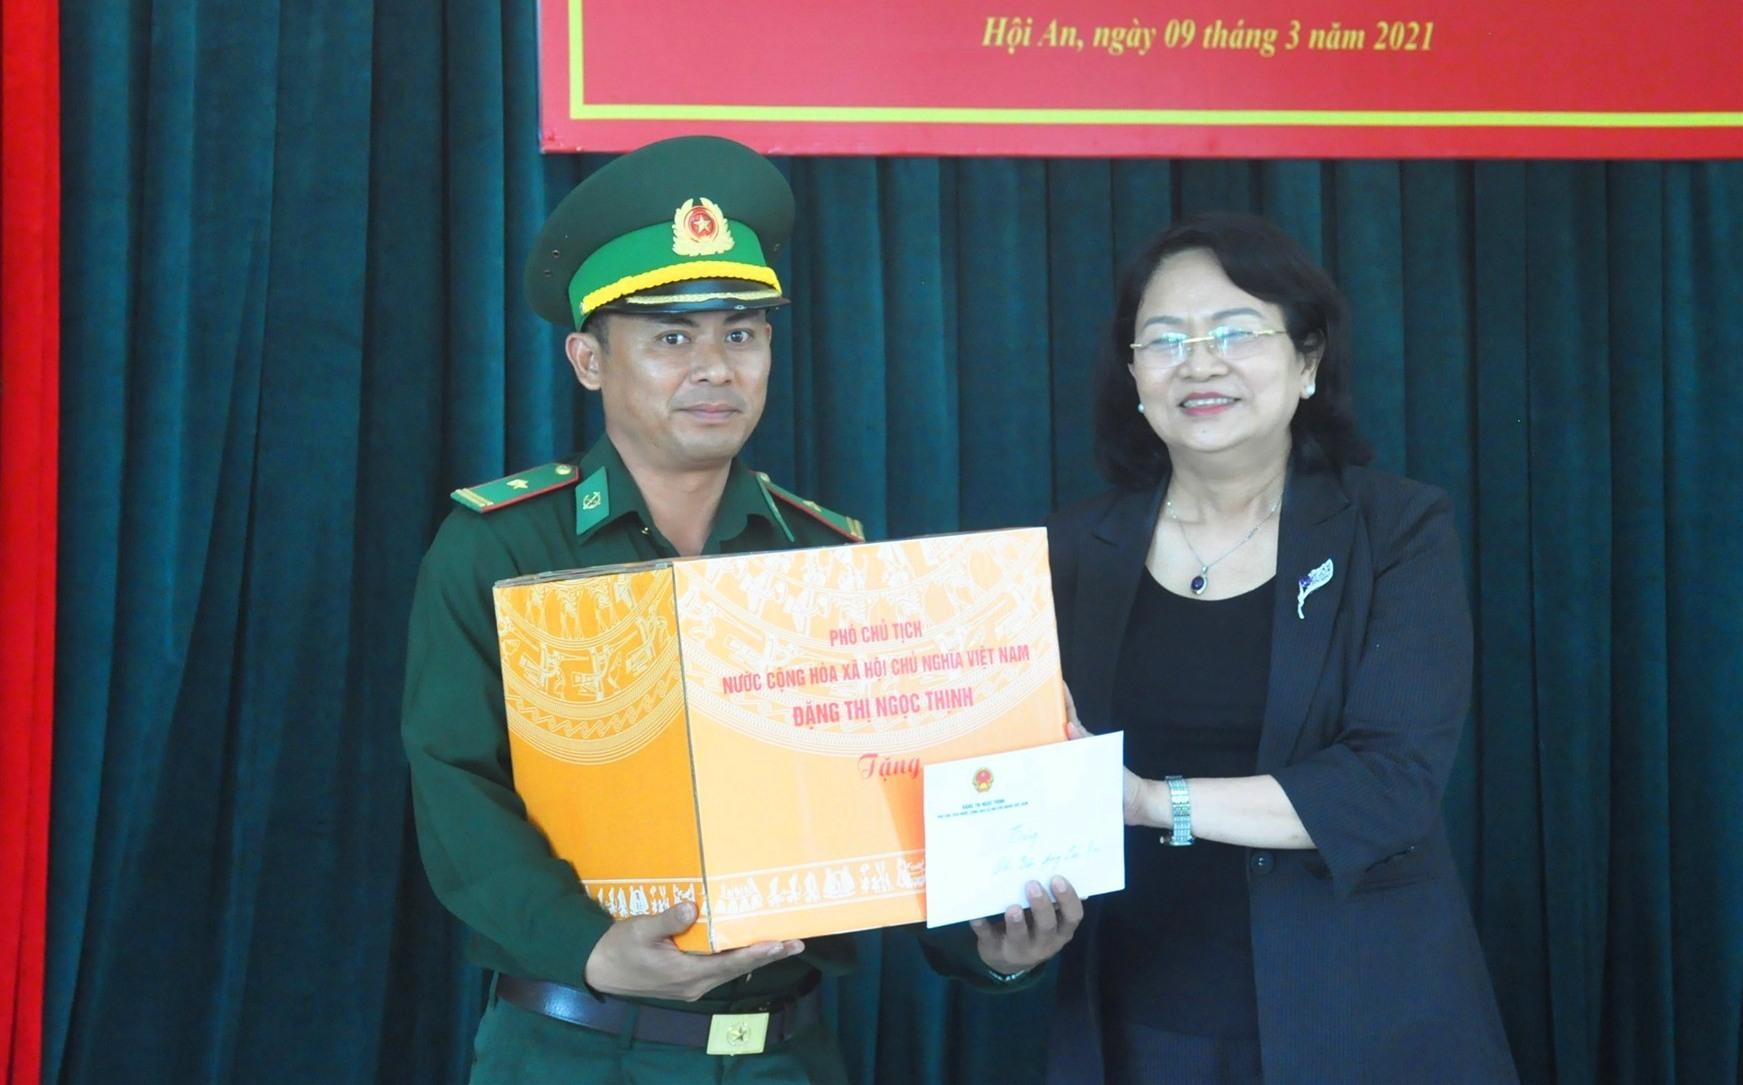 Phó Chủ tịch nước Đặng Thị Ngọc Thịnh tặng quà động viên cán bộ, chiến sĩ Đồn biên phòng Cửa Đại chiều 9.3. Ảnh: N.Đ